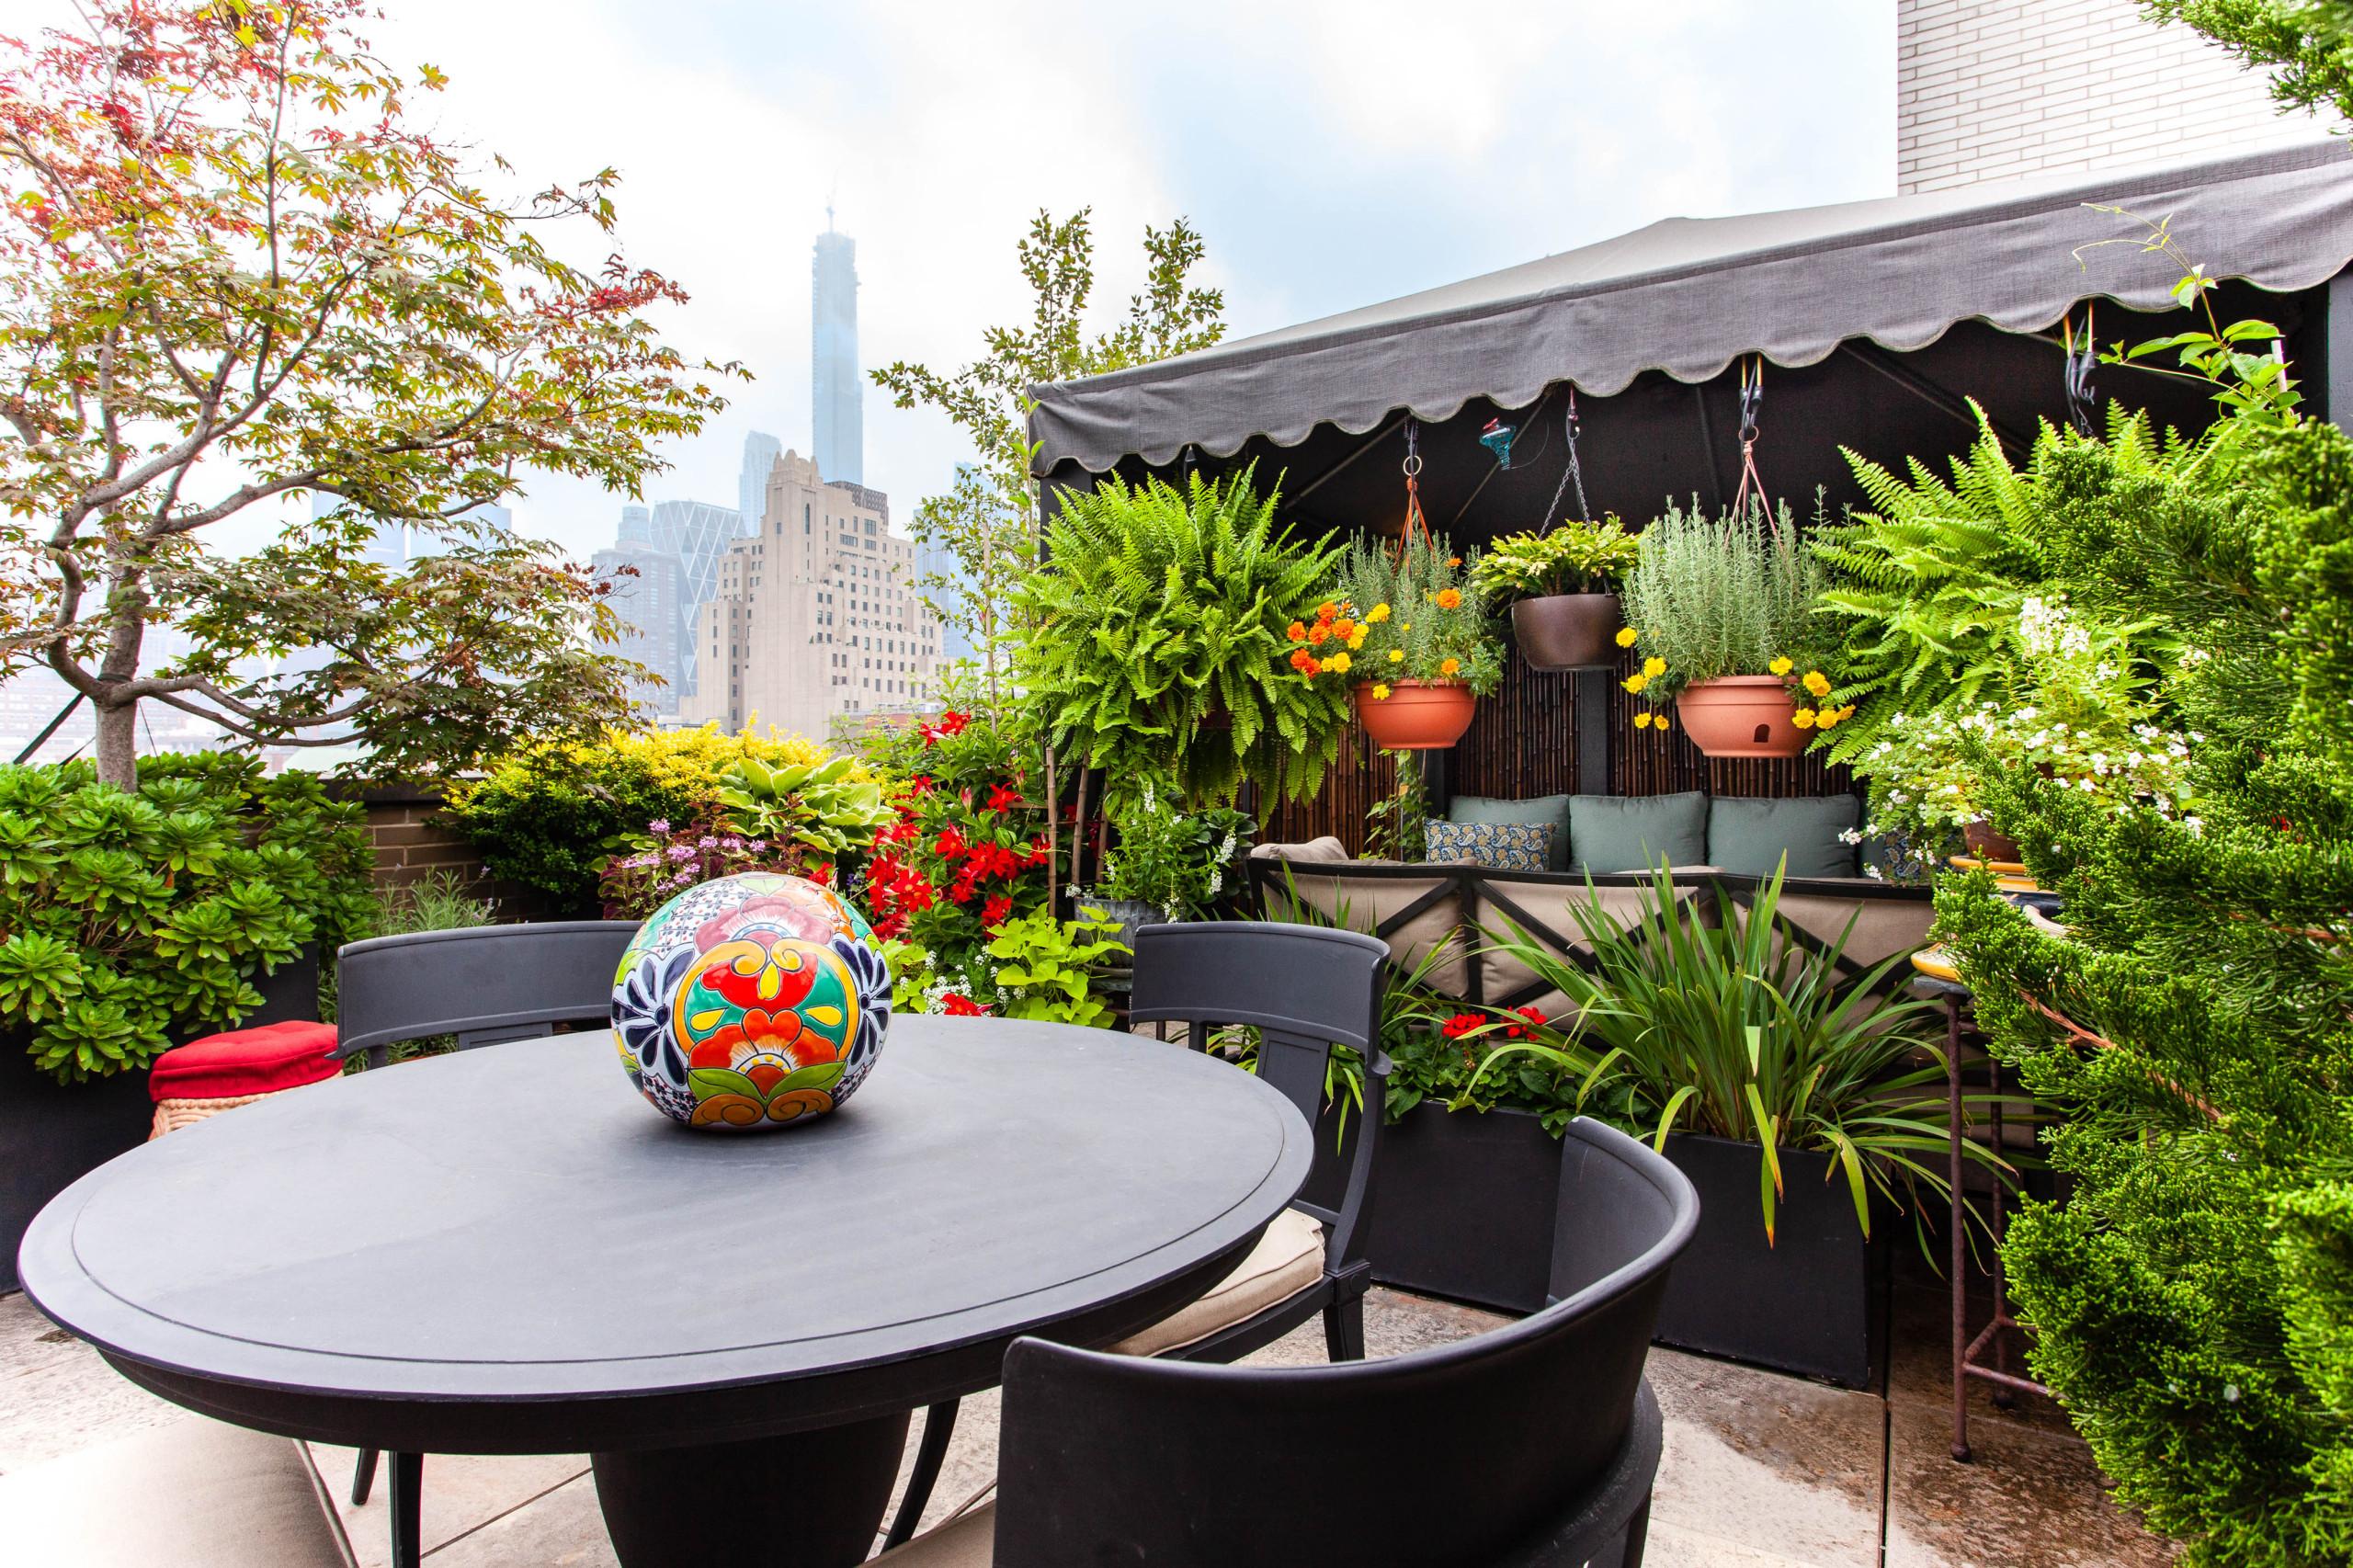 Hell's Kitchen Roof Garden